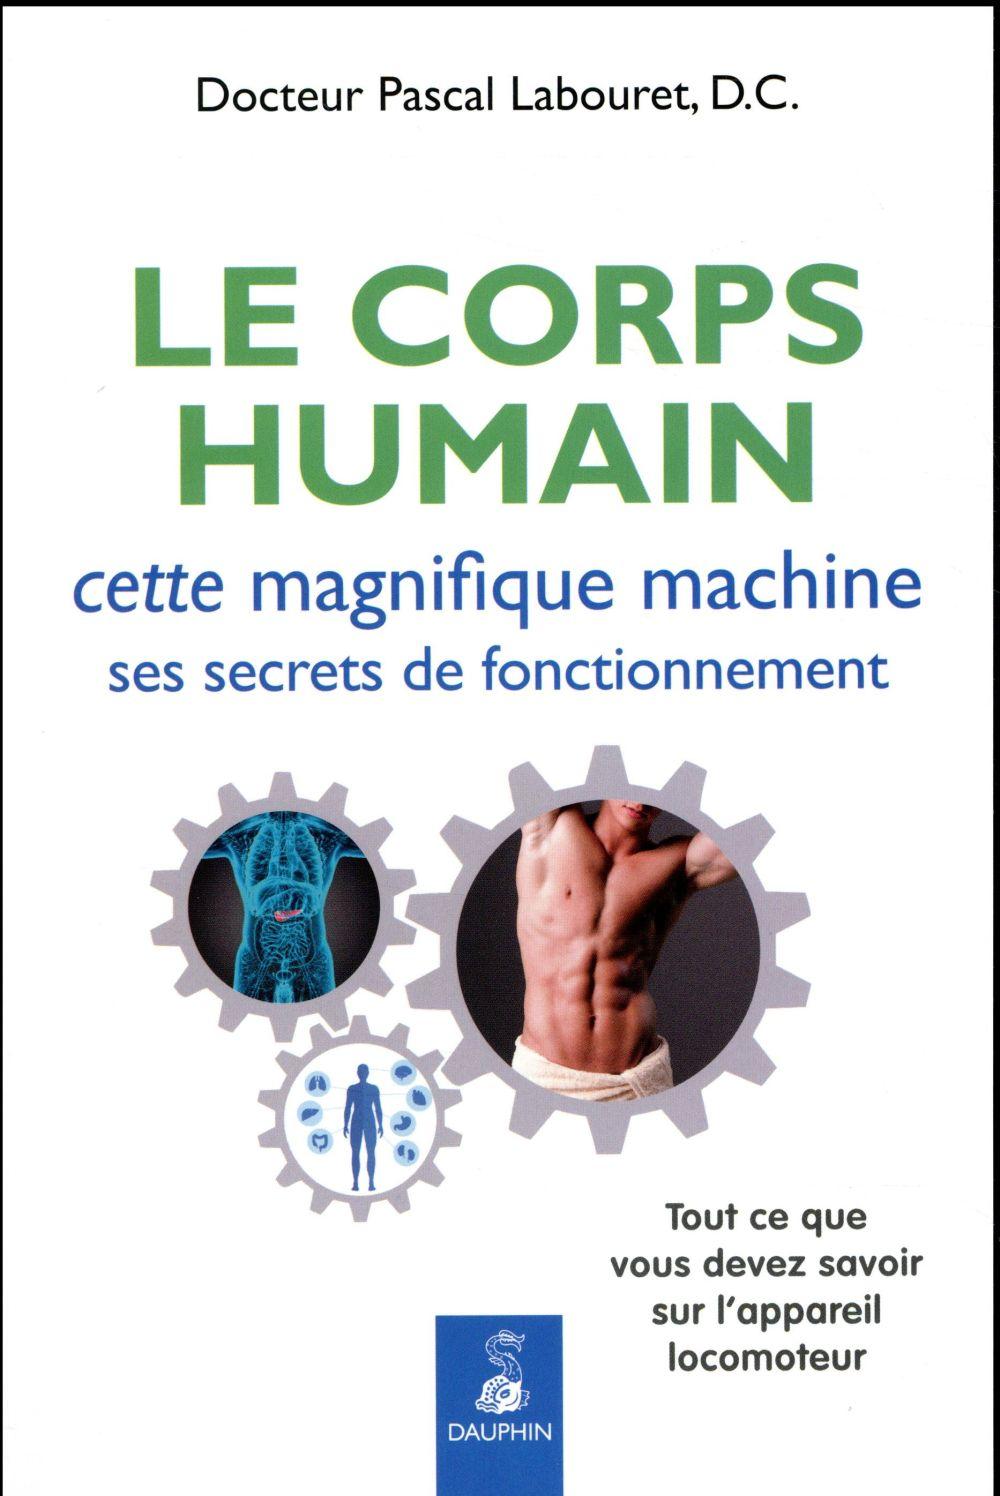 LE CORPS HUMAIN, CETTE MAGNIFIQUE MACHINE